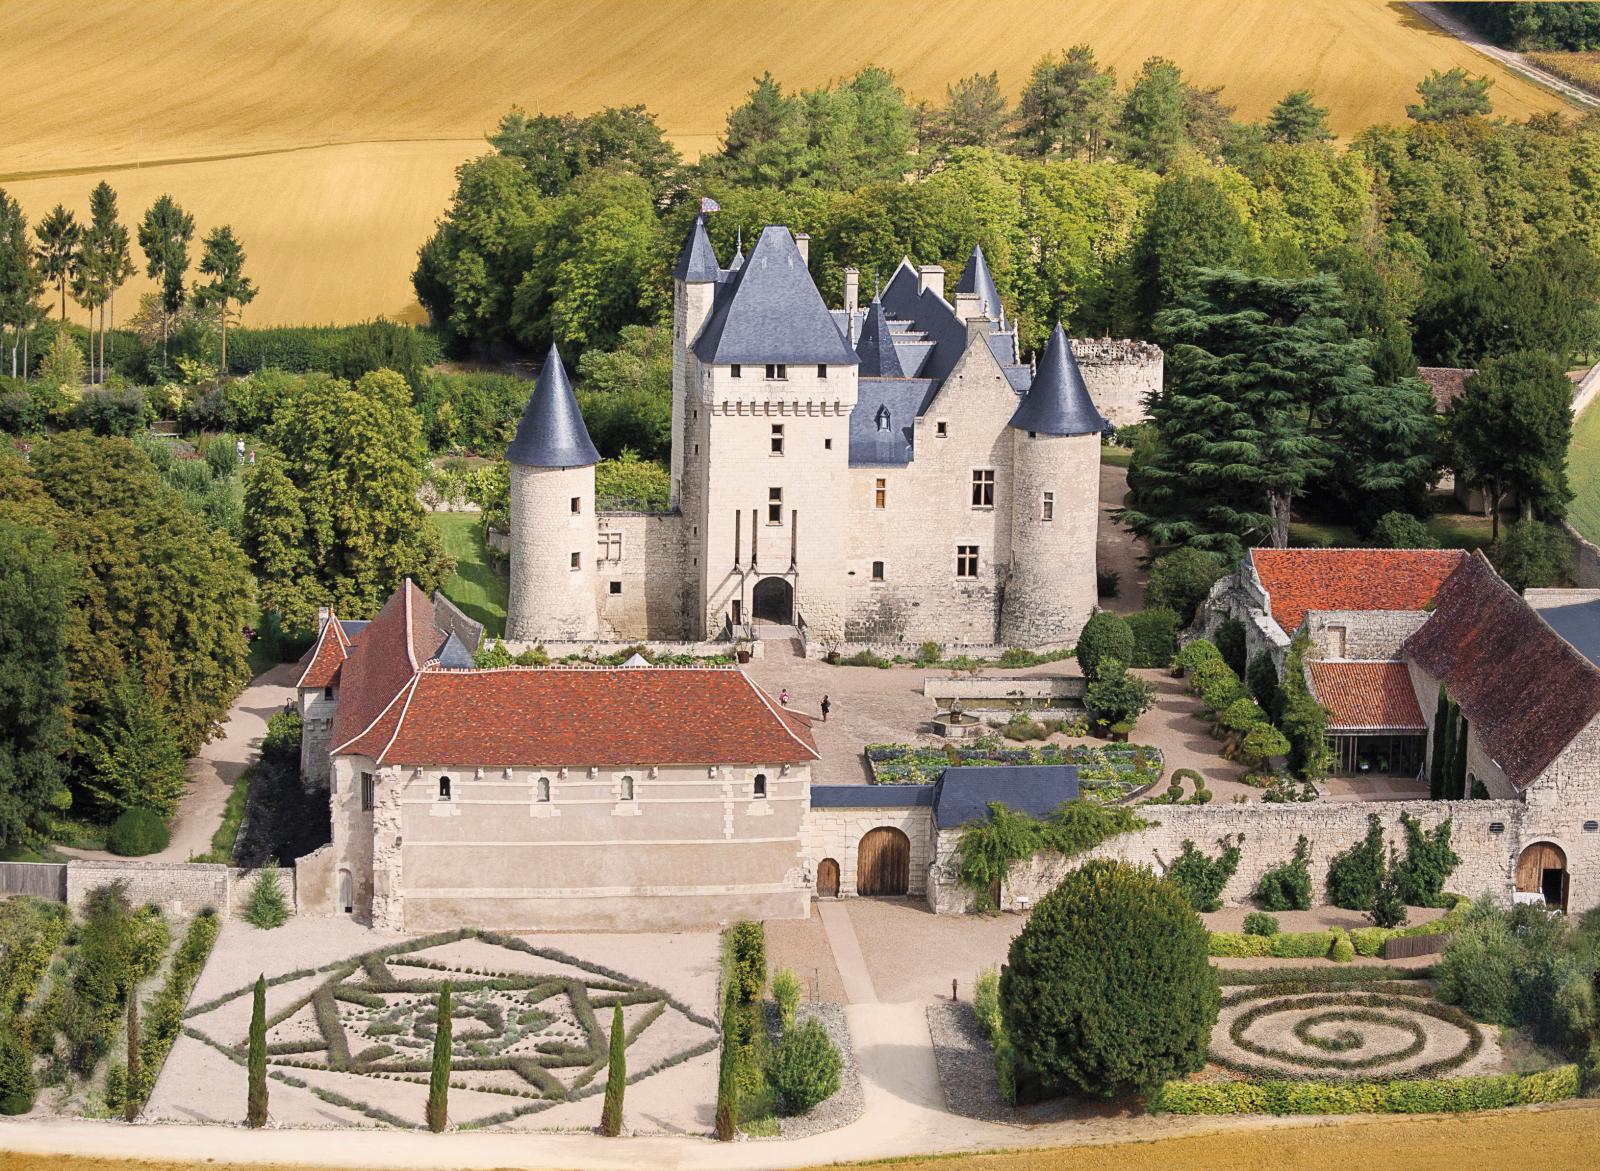 Vue aérienne du château du Rivau et de ses jardins.